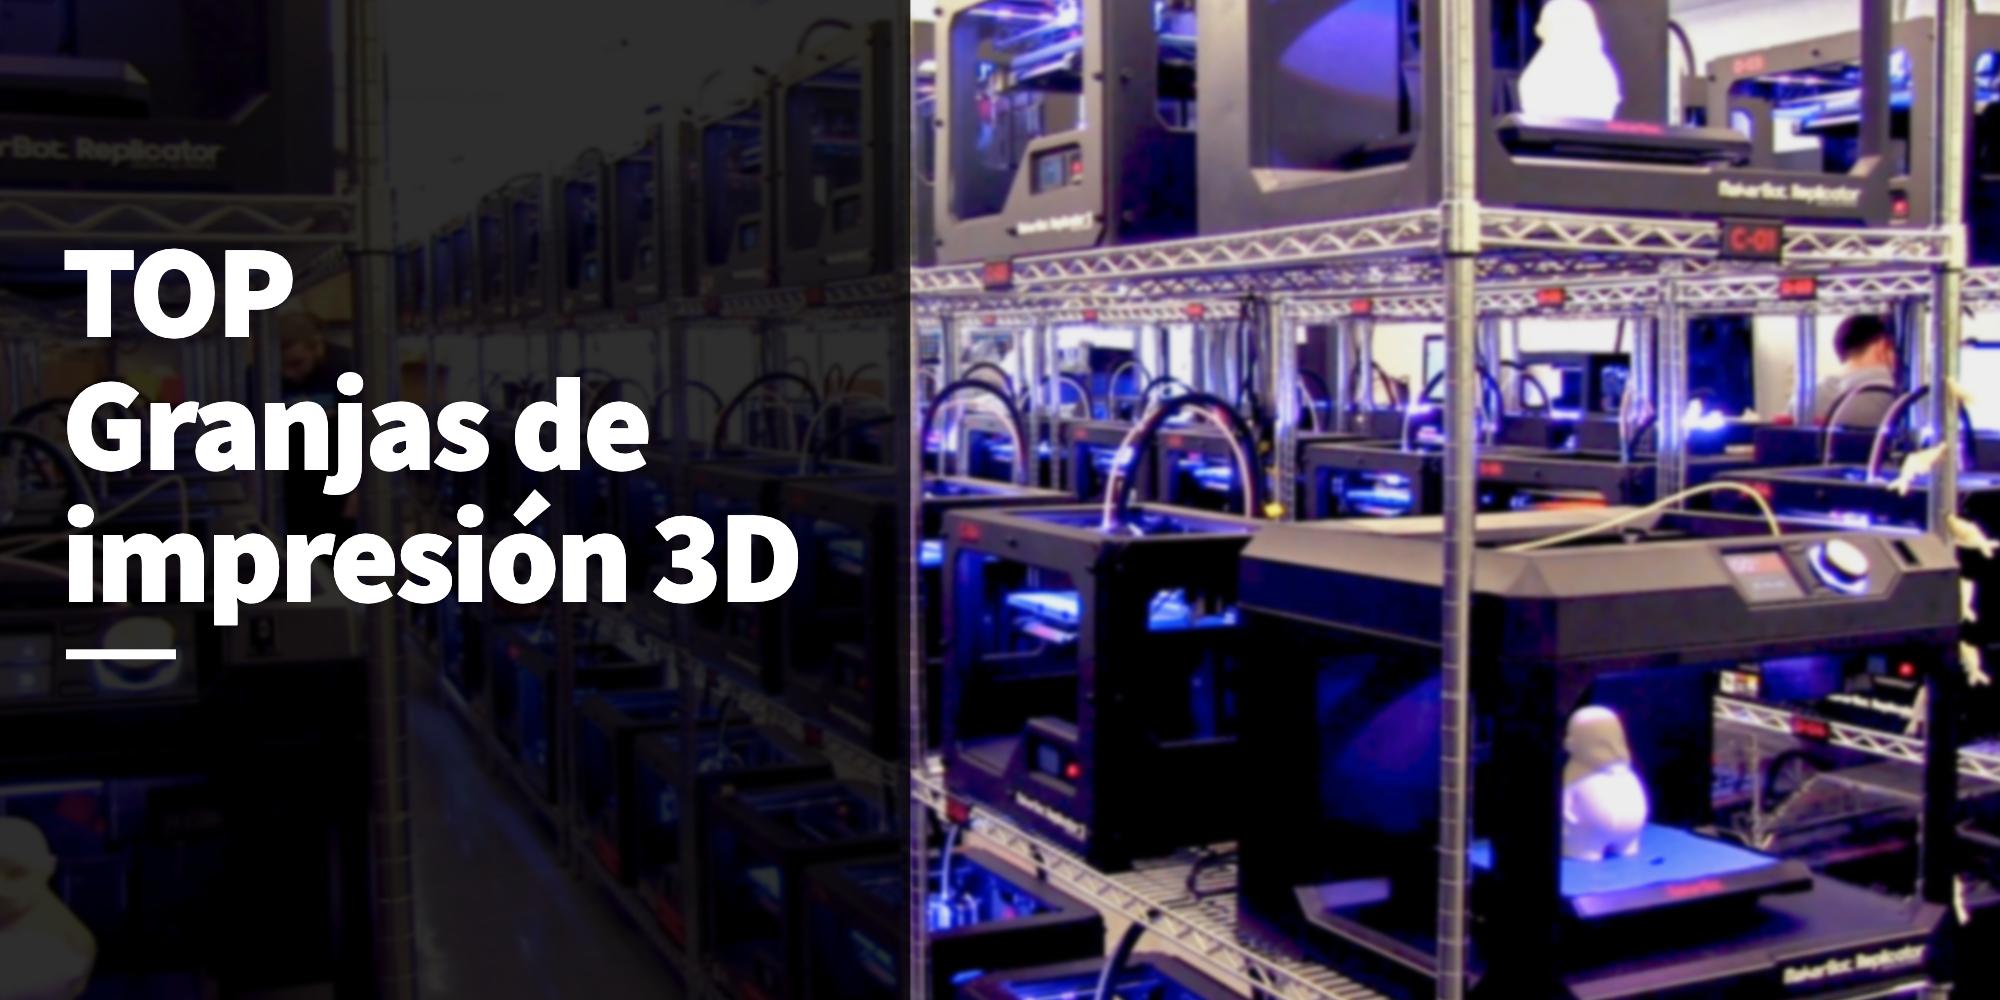 top granjas de impresión 3D